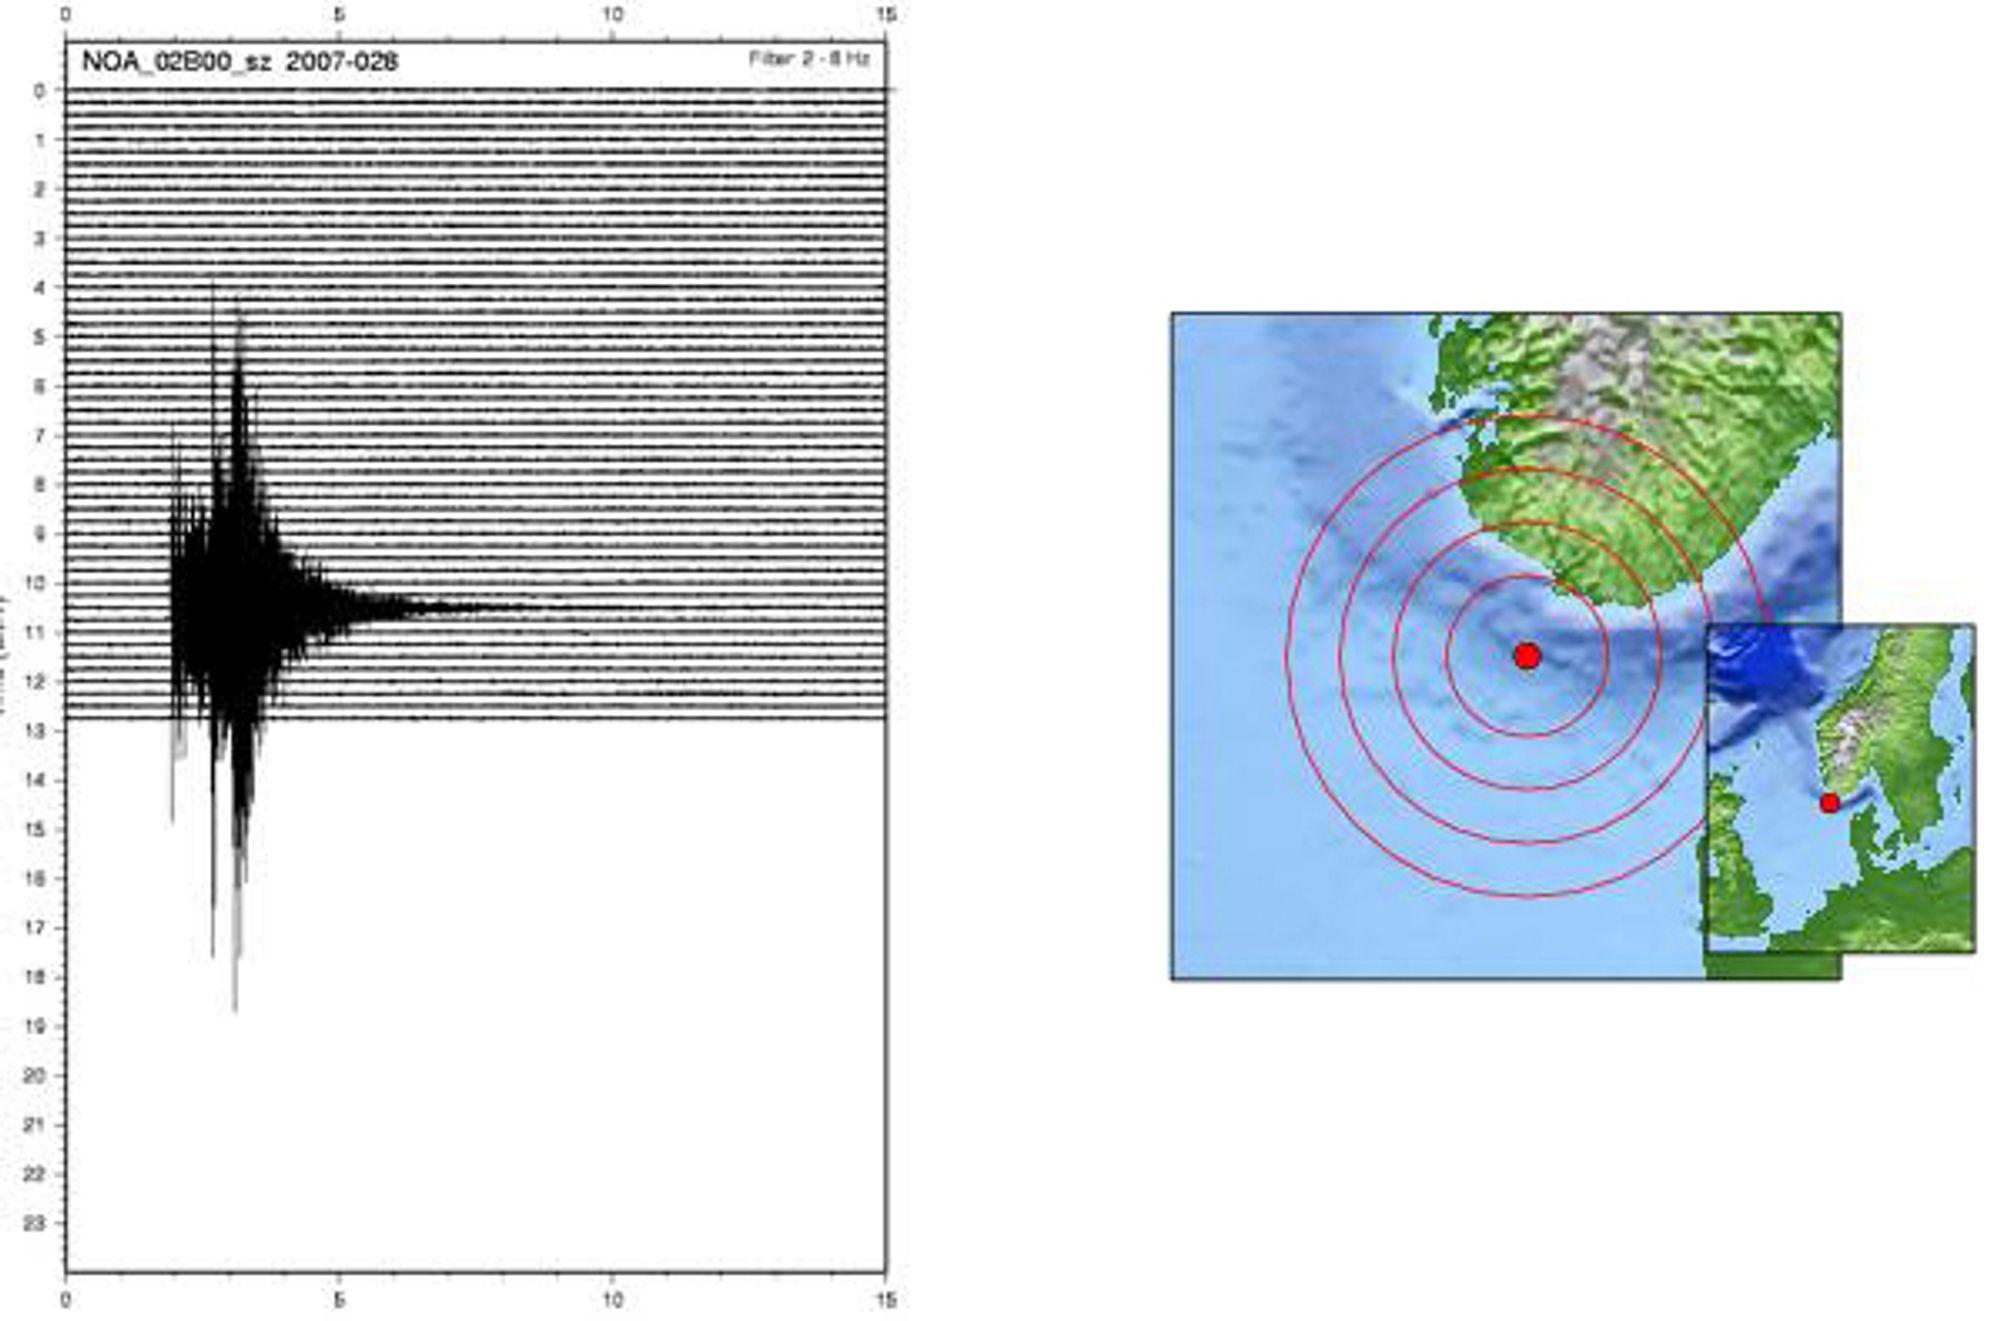 REGISTRERT: De seismiske signalene ble registrert av NORSAR. Episenteret var 57,7°N og 6,3°E.